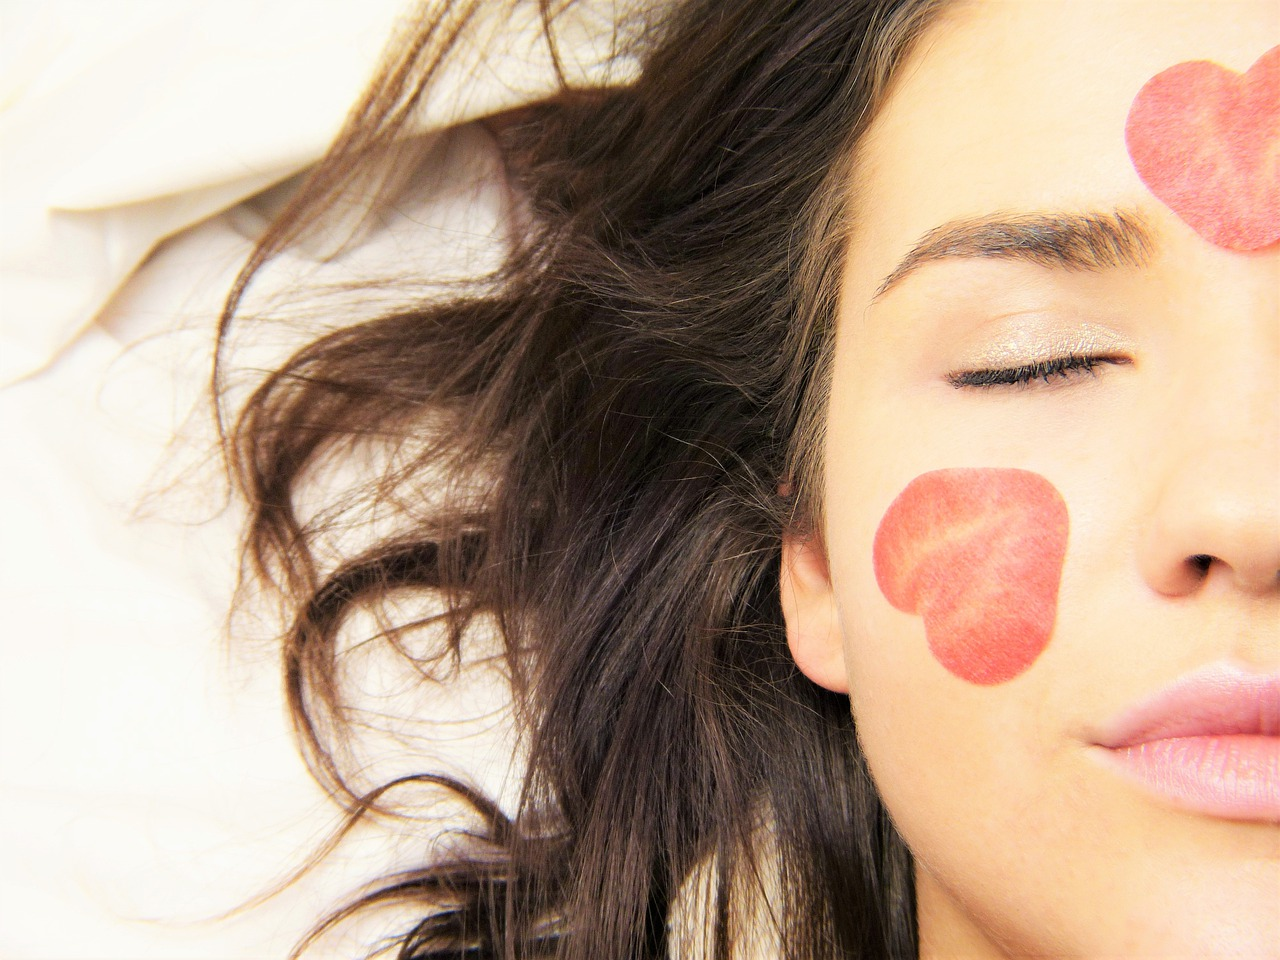 Hogy igazán hatékony legyen: Így szabd személyre az arcpakolásokat!